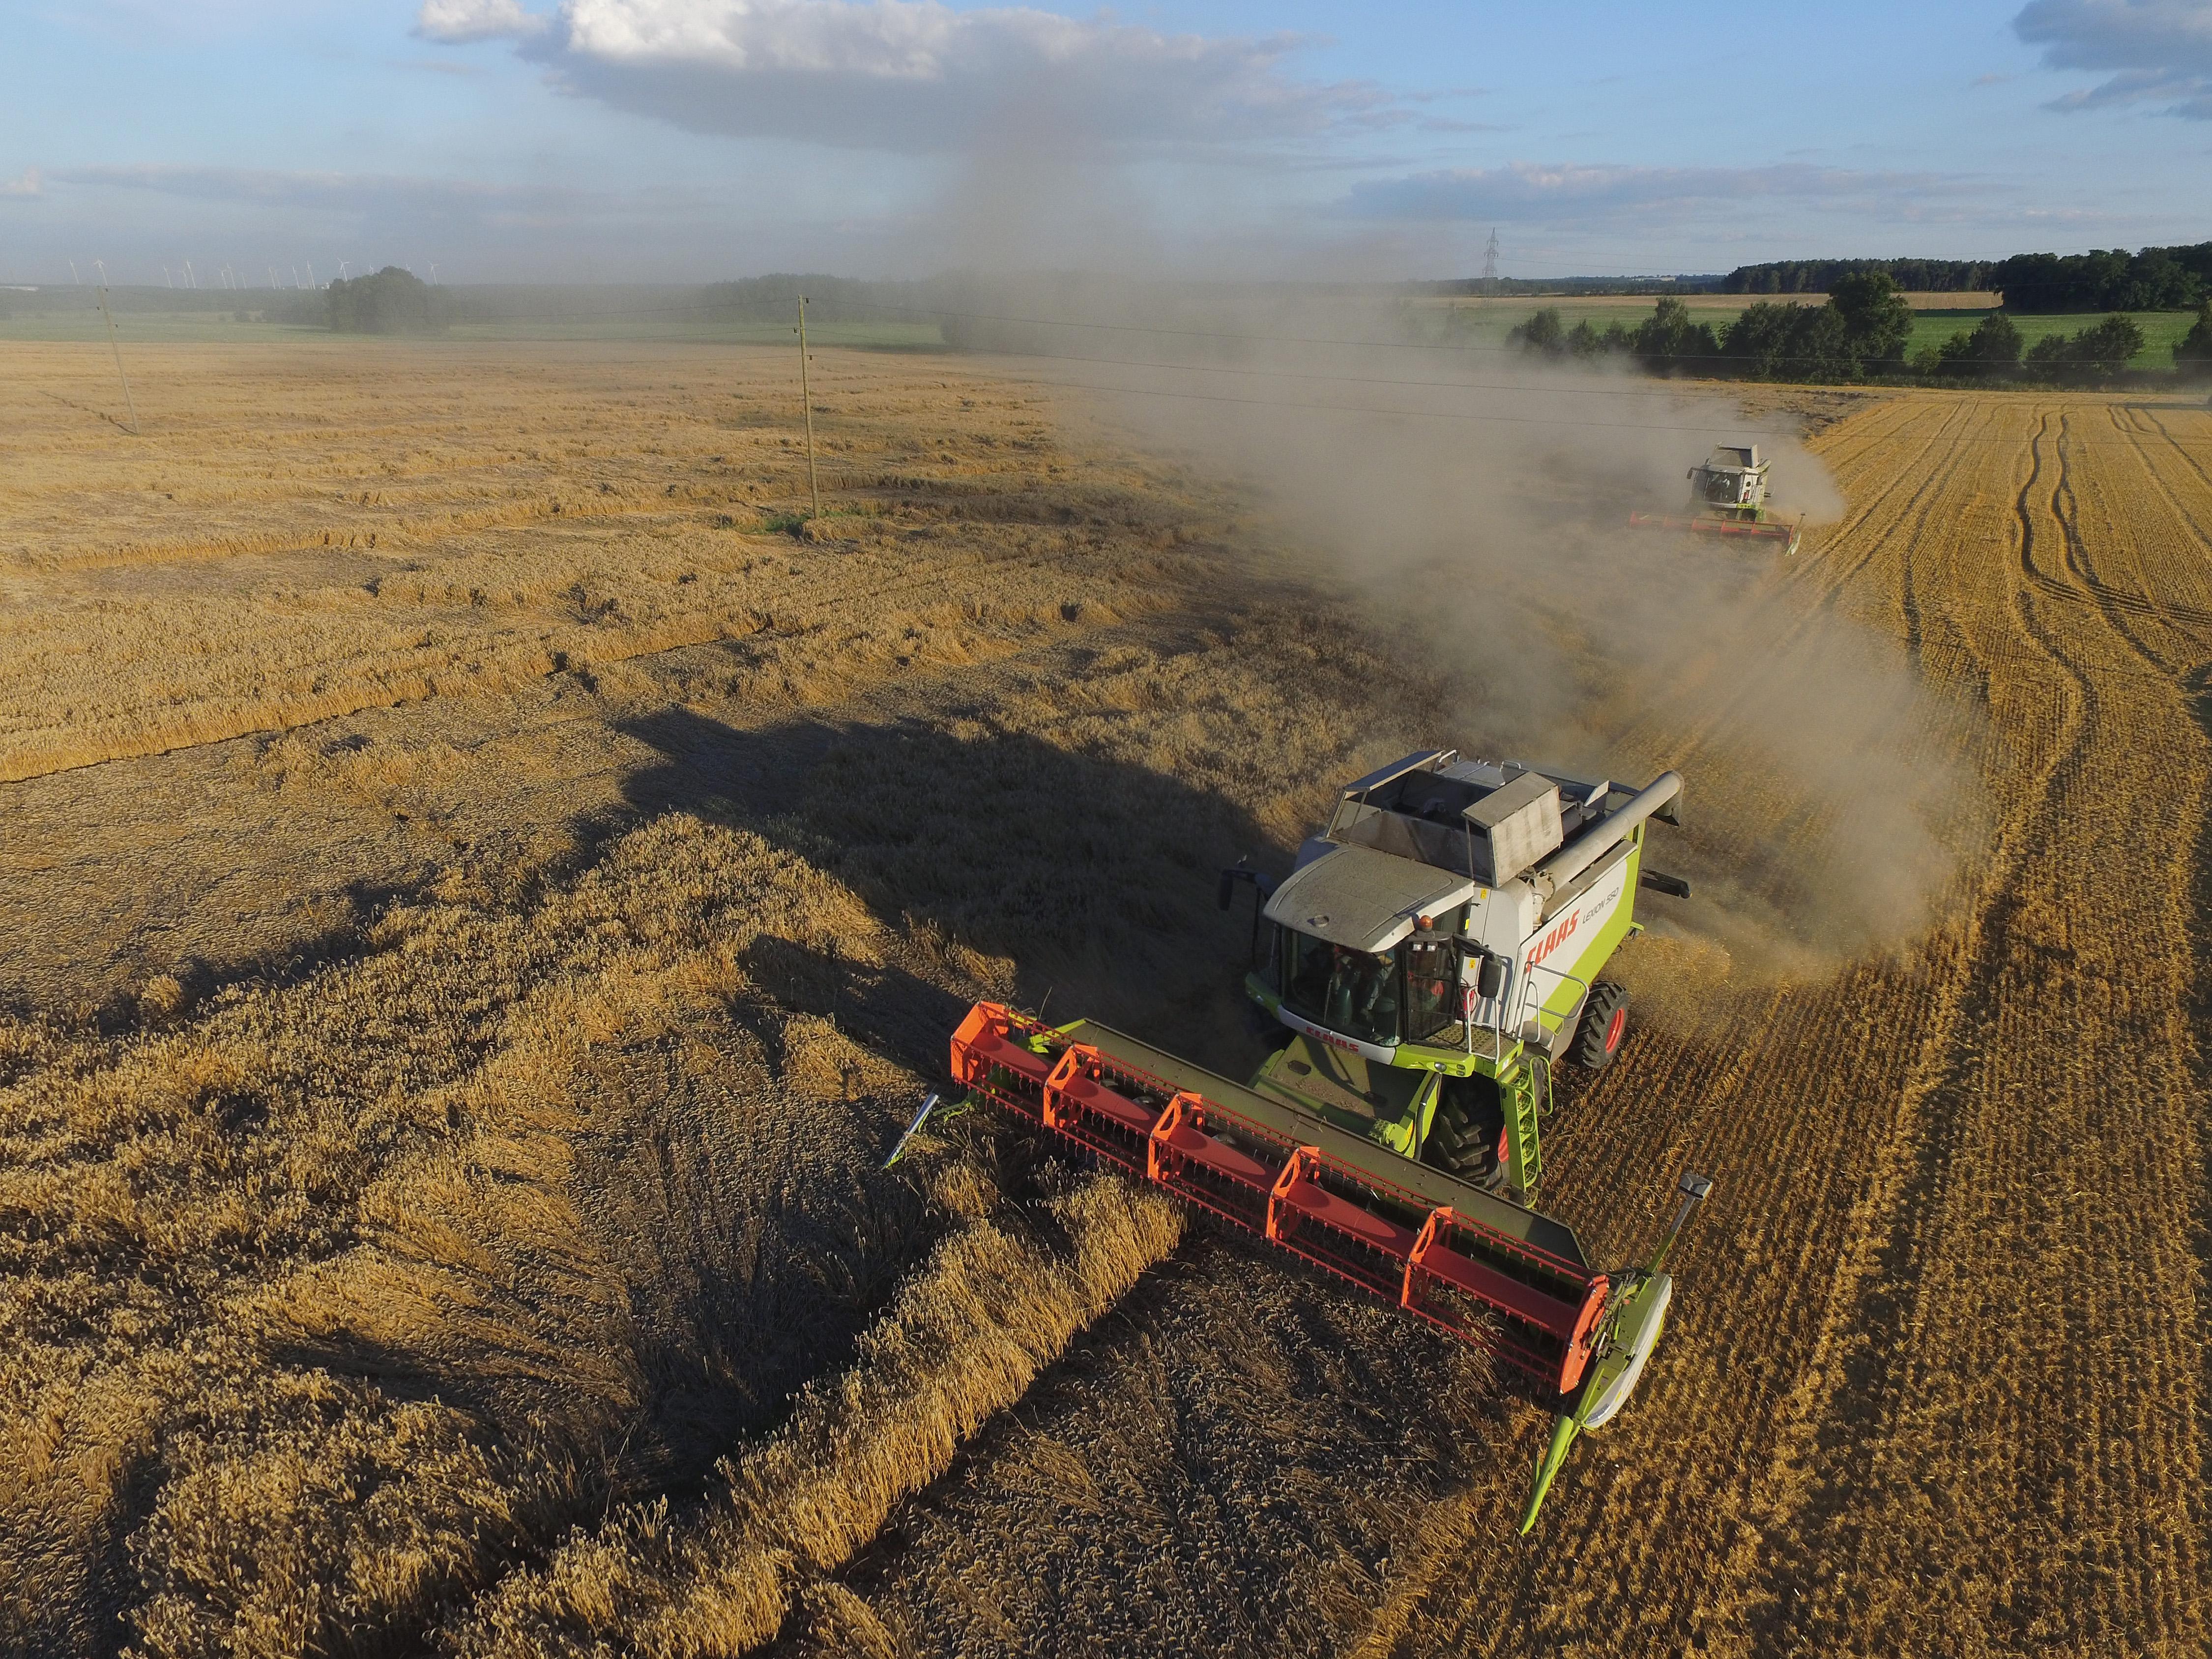 Zivilschutzgesetz: Bauernhöfe und Lebensmittelbetriebe werden notfalls beschlagnahmt